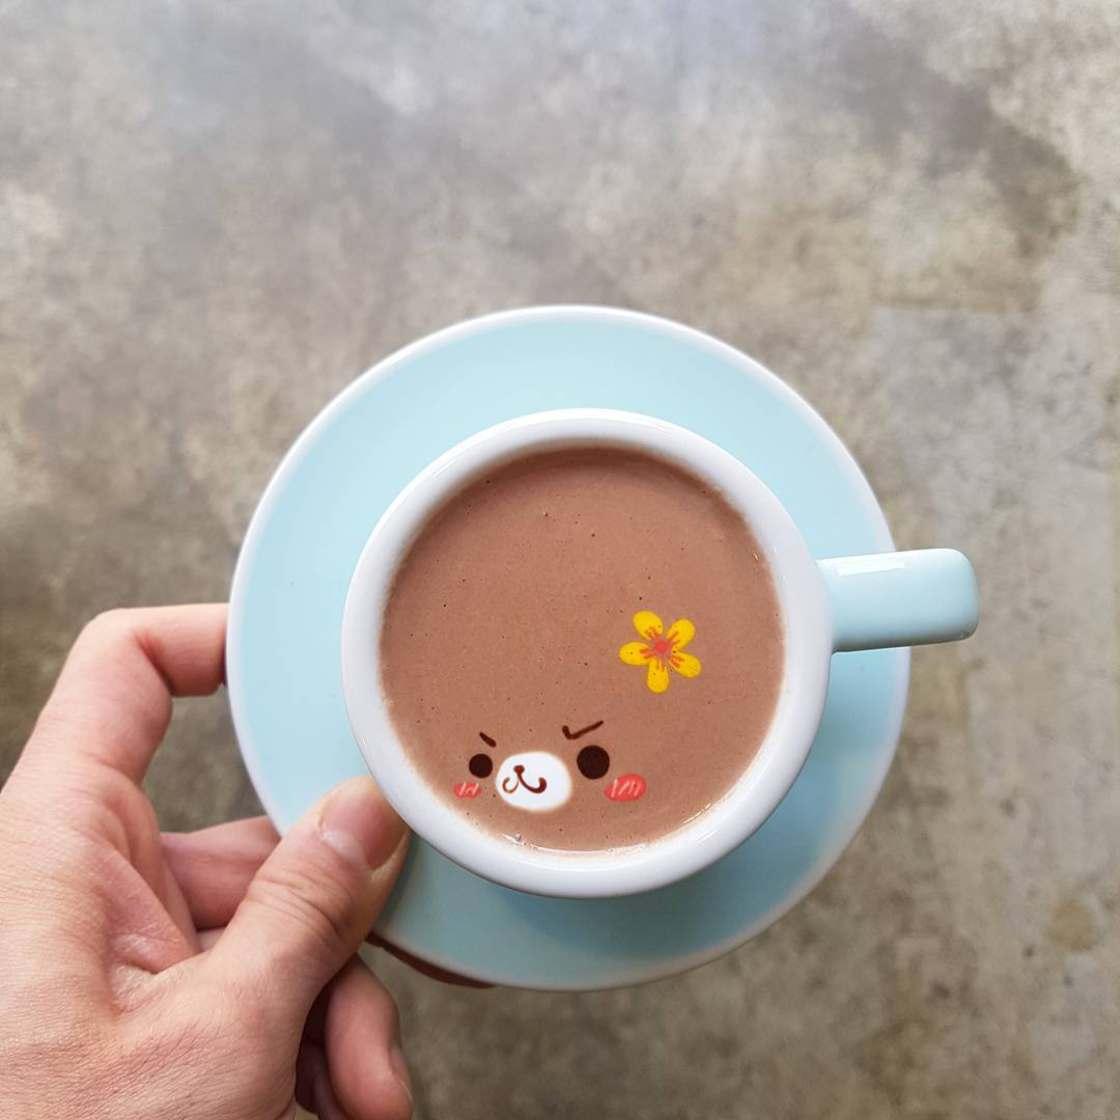 art-on-coffee-lee-kang-bin-7.jpg